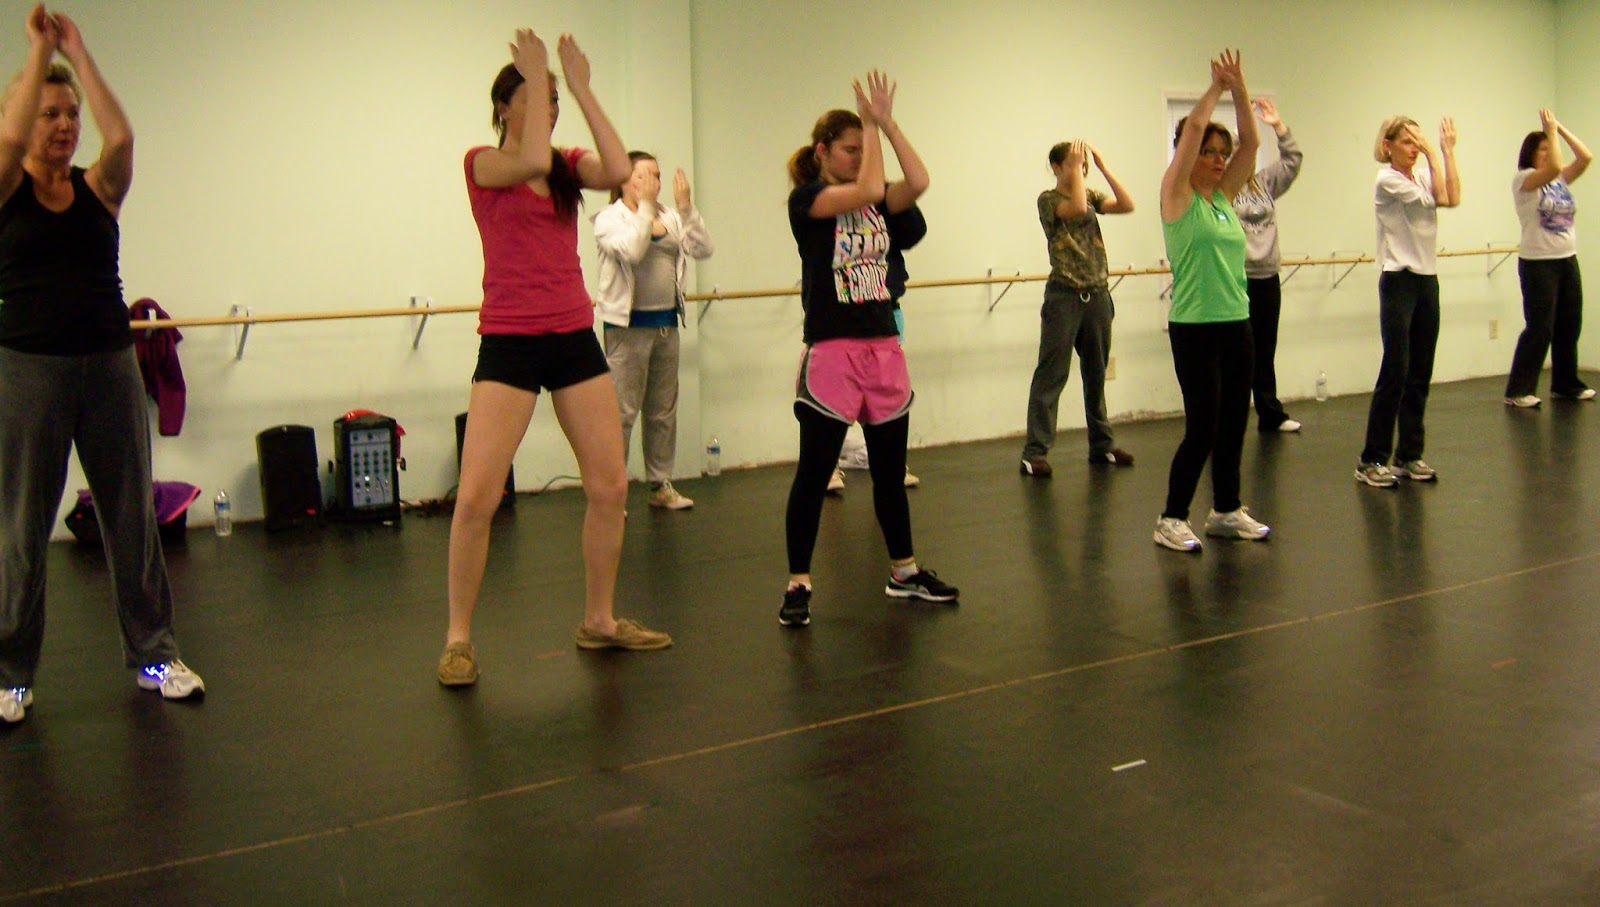 adult dance classes charlotte nc jpg 422x640